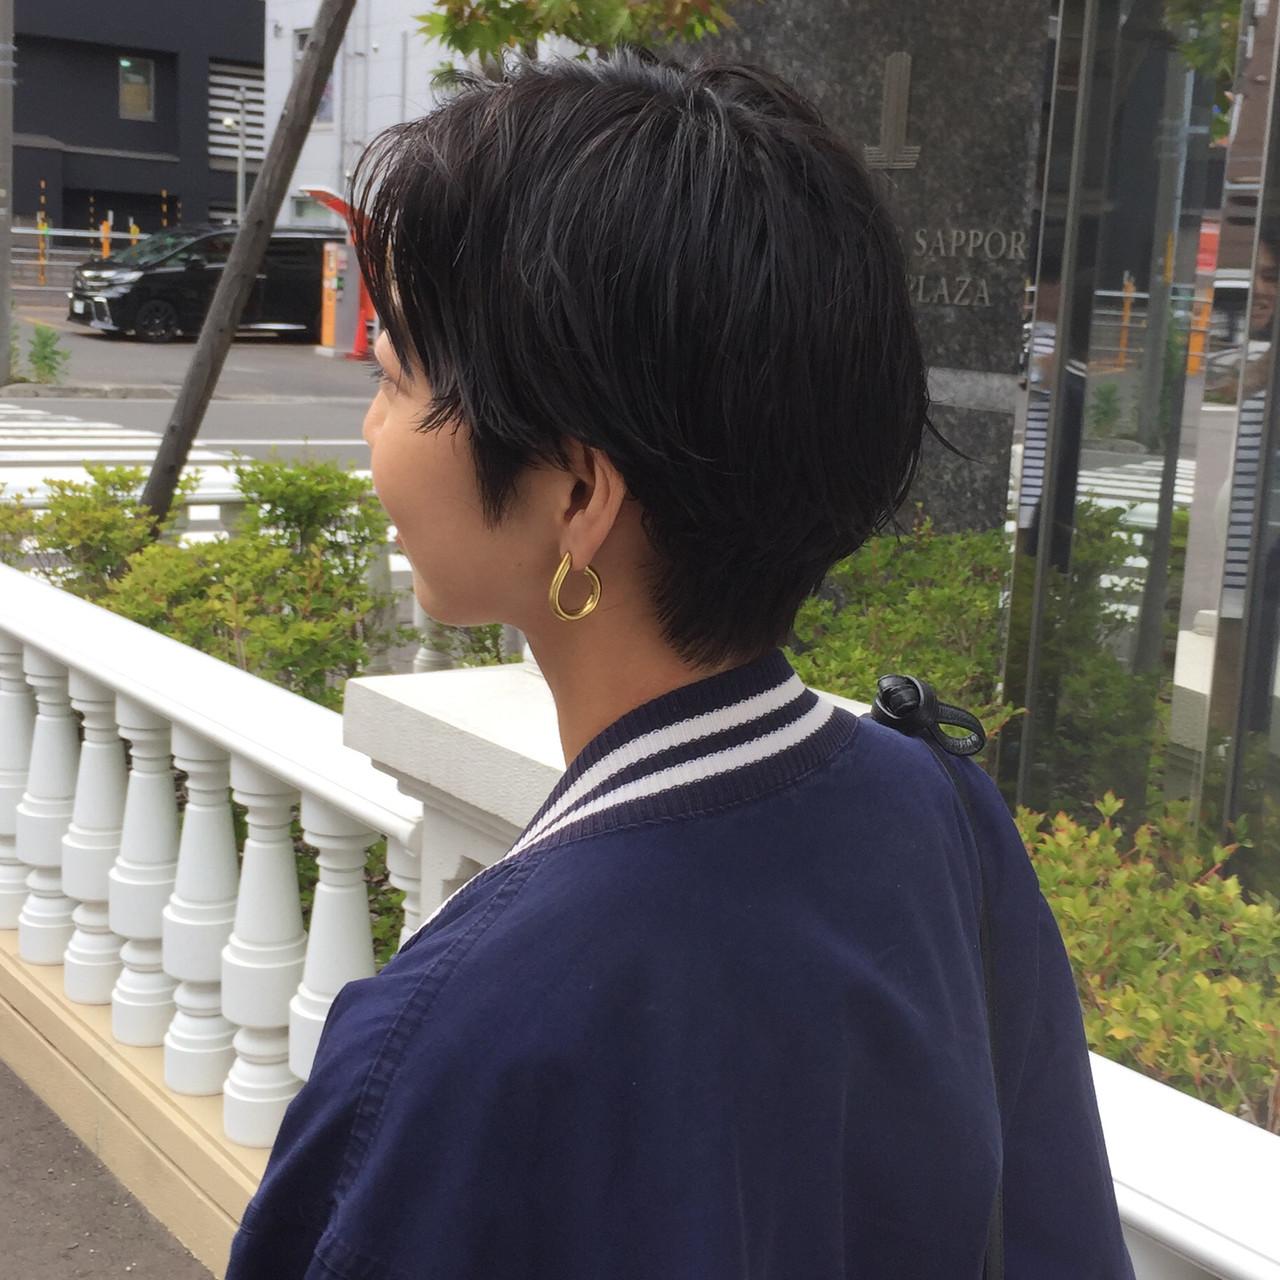 ナチュラル 前下がりショート ショート 小顔ショート ヘアスタイルや髪型の写真・画像